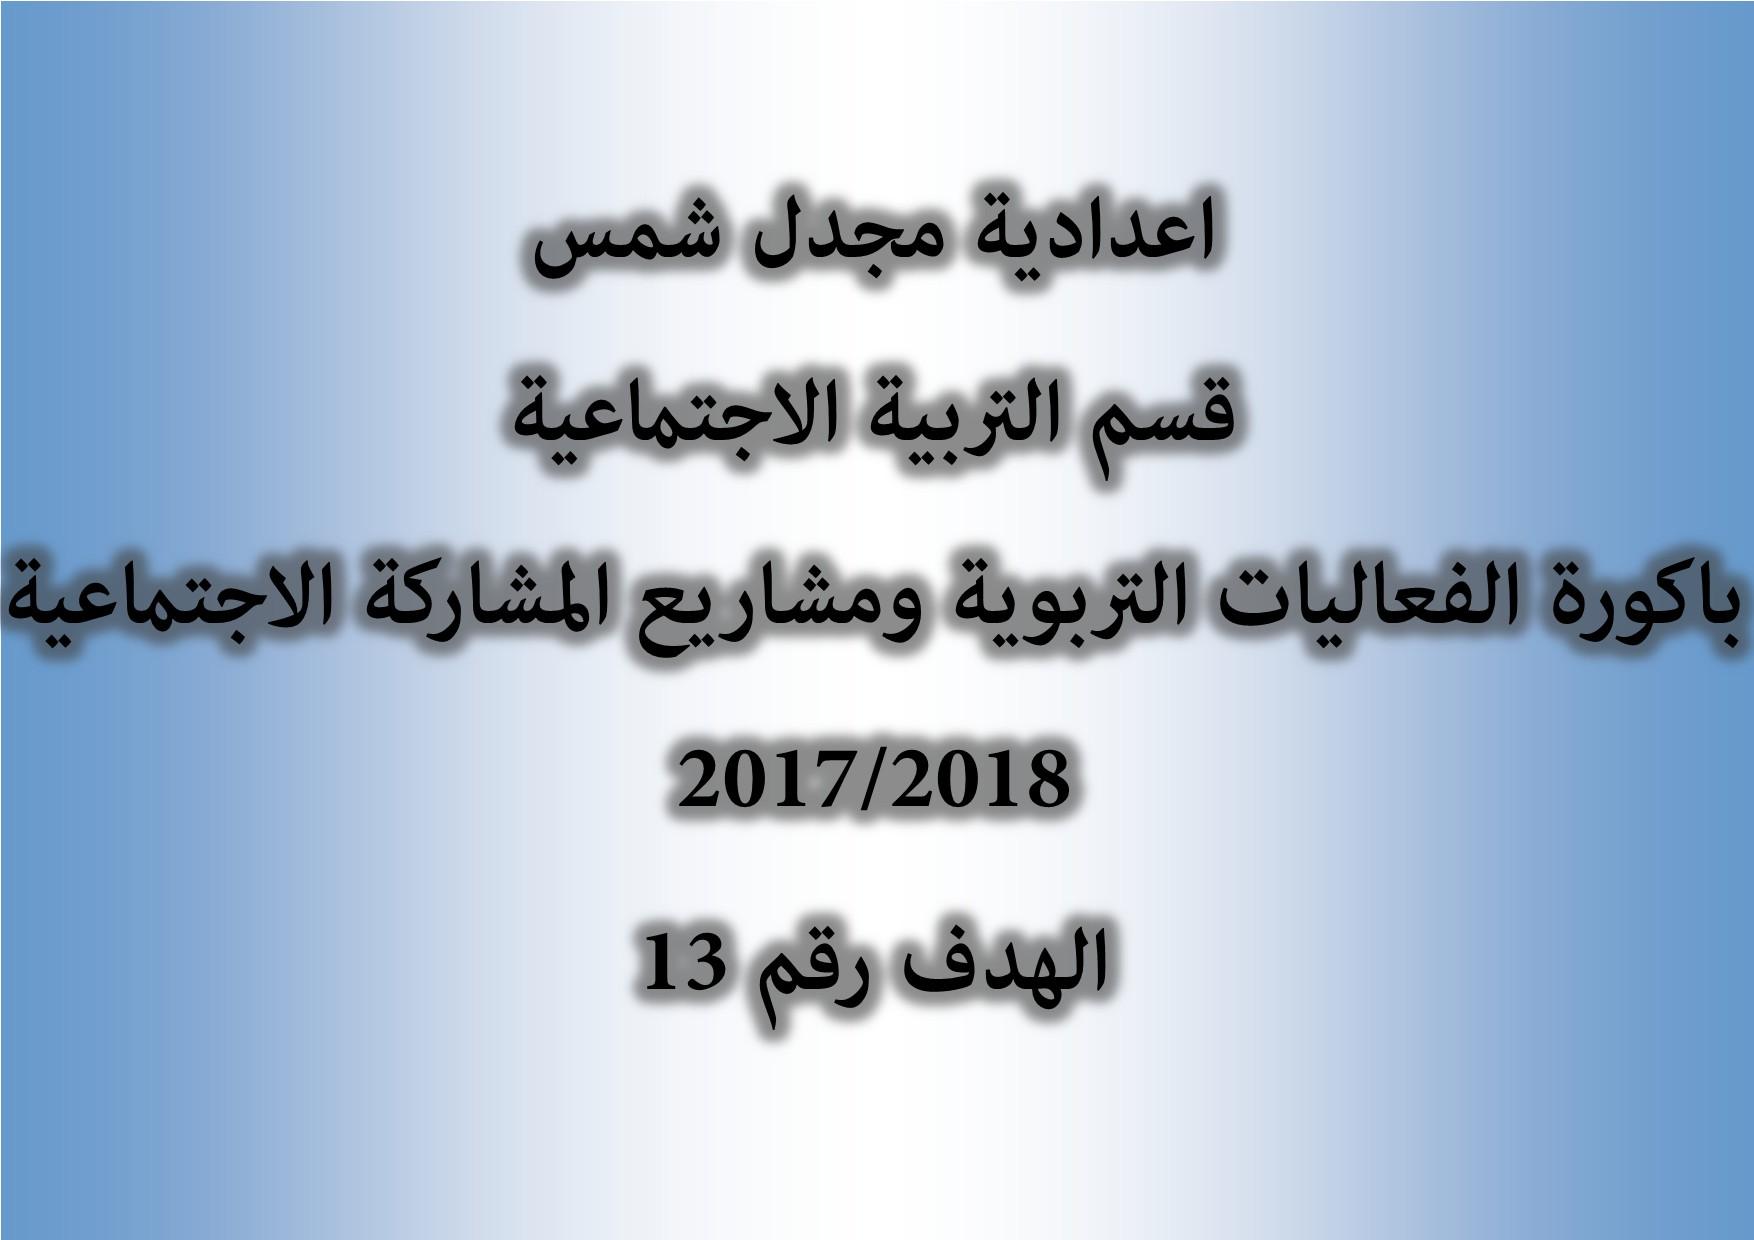 قسم التربية الاجتماعية 2017-2018 by Ameen Qadhamany - Ourboox.com